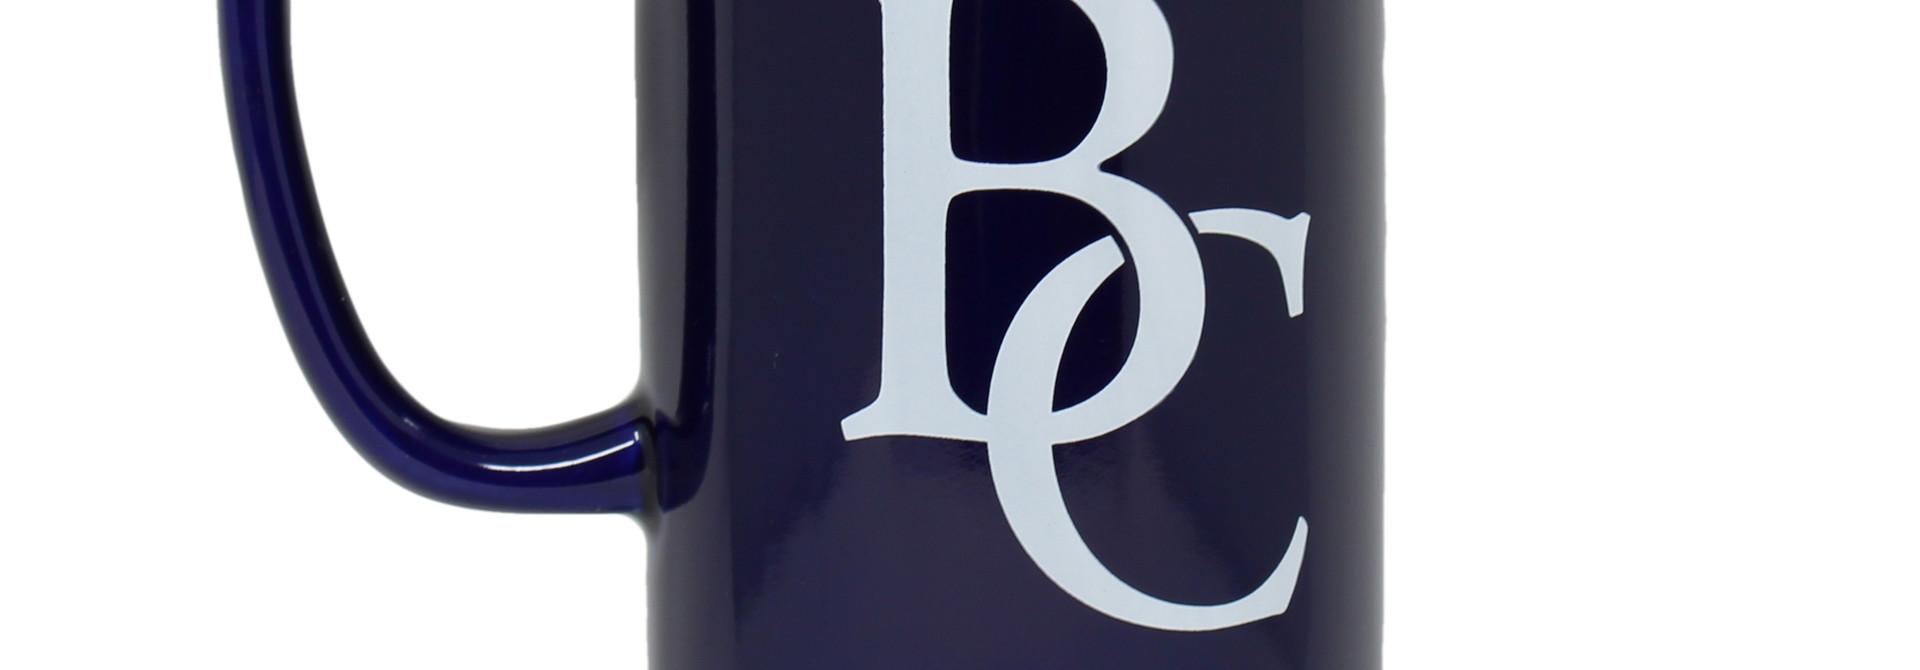 BC Ceramic Tall Mug